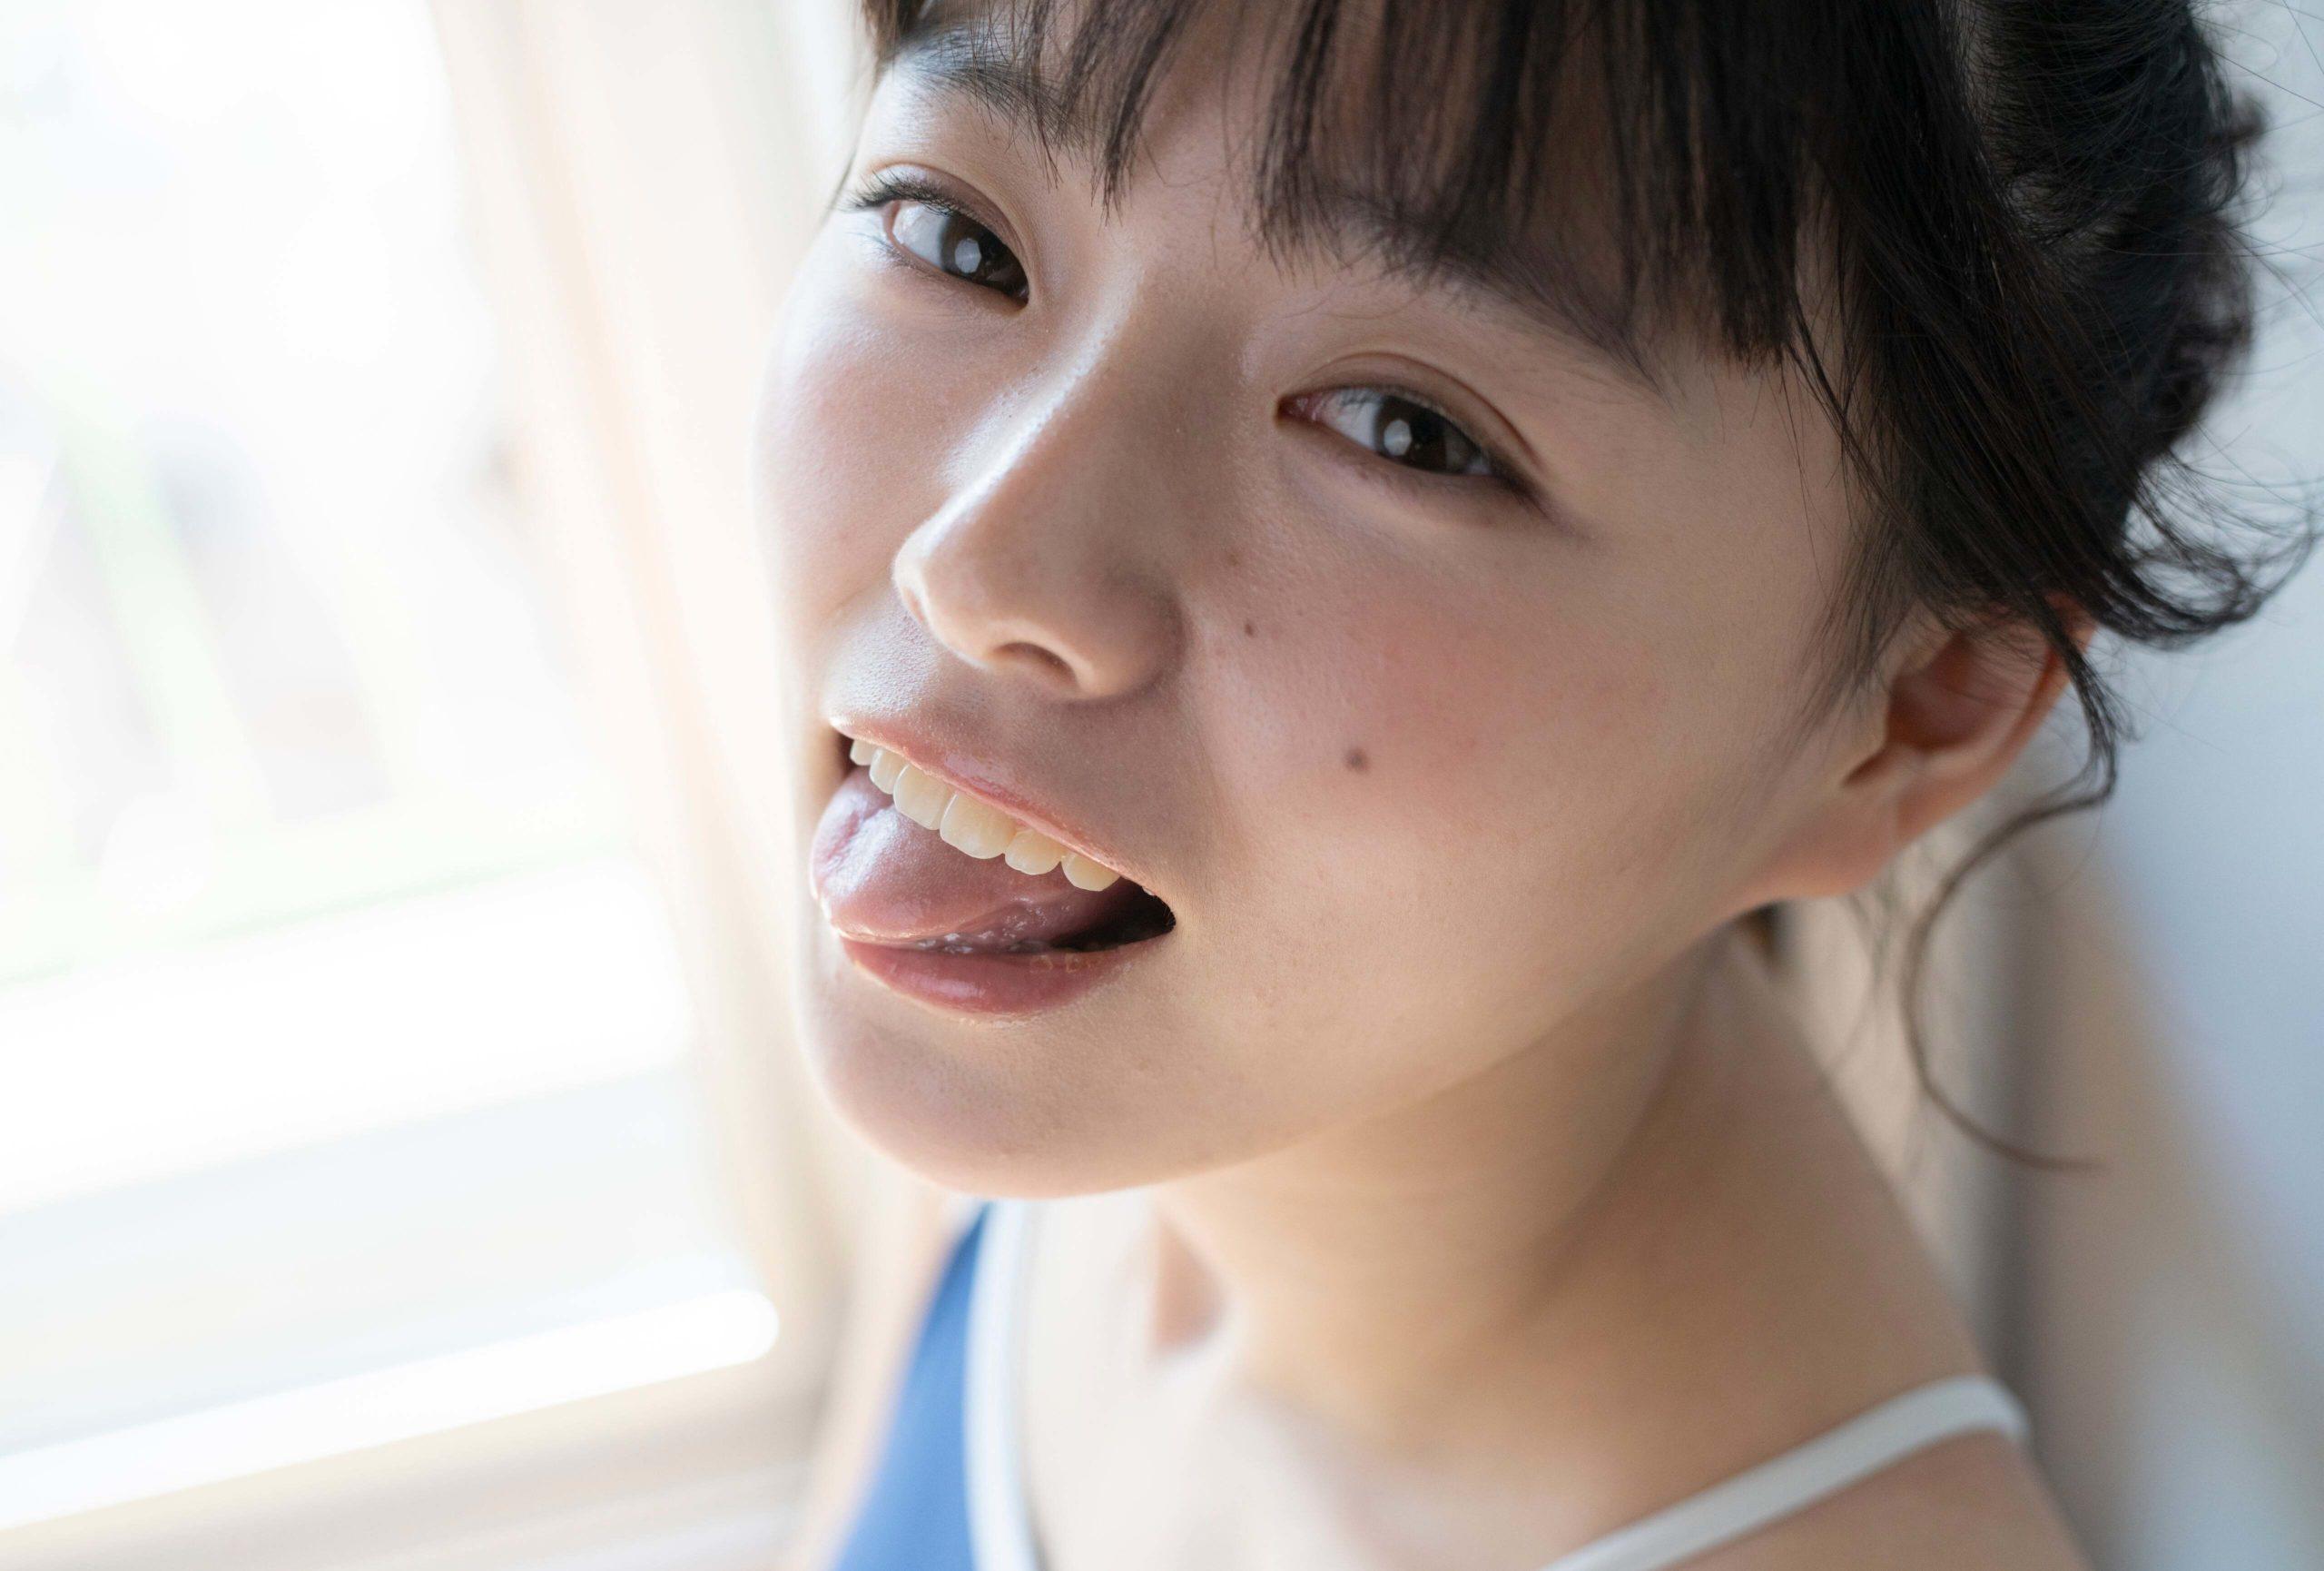 葉月つばさの舌出し (4)